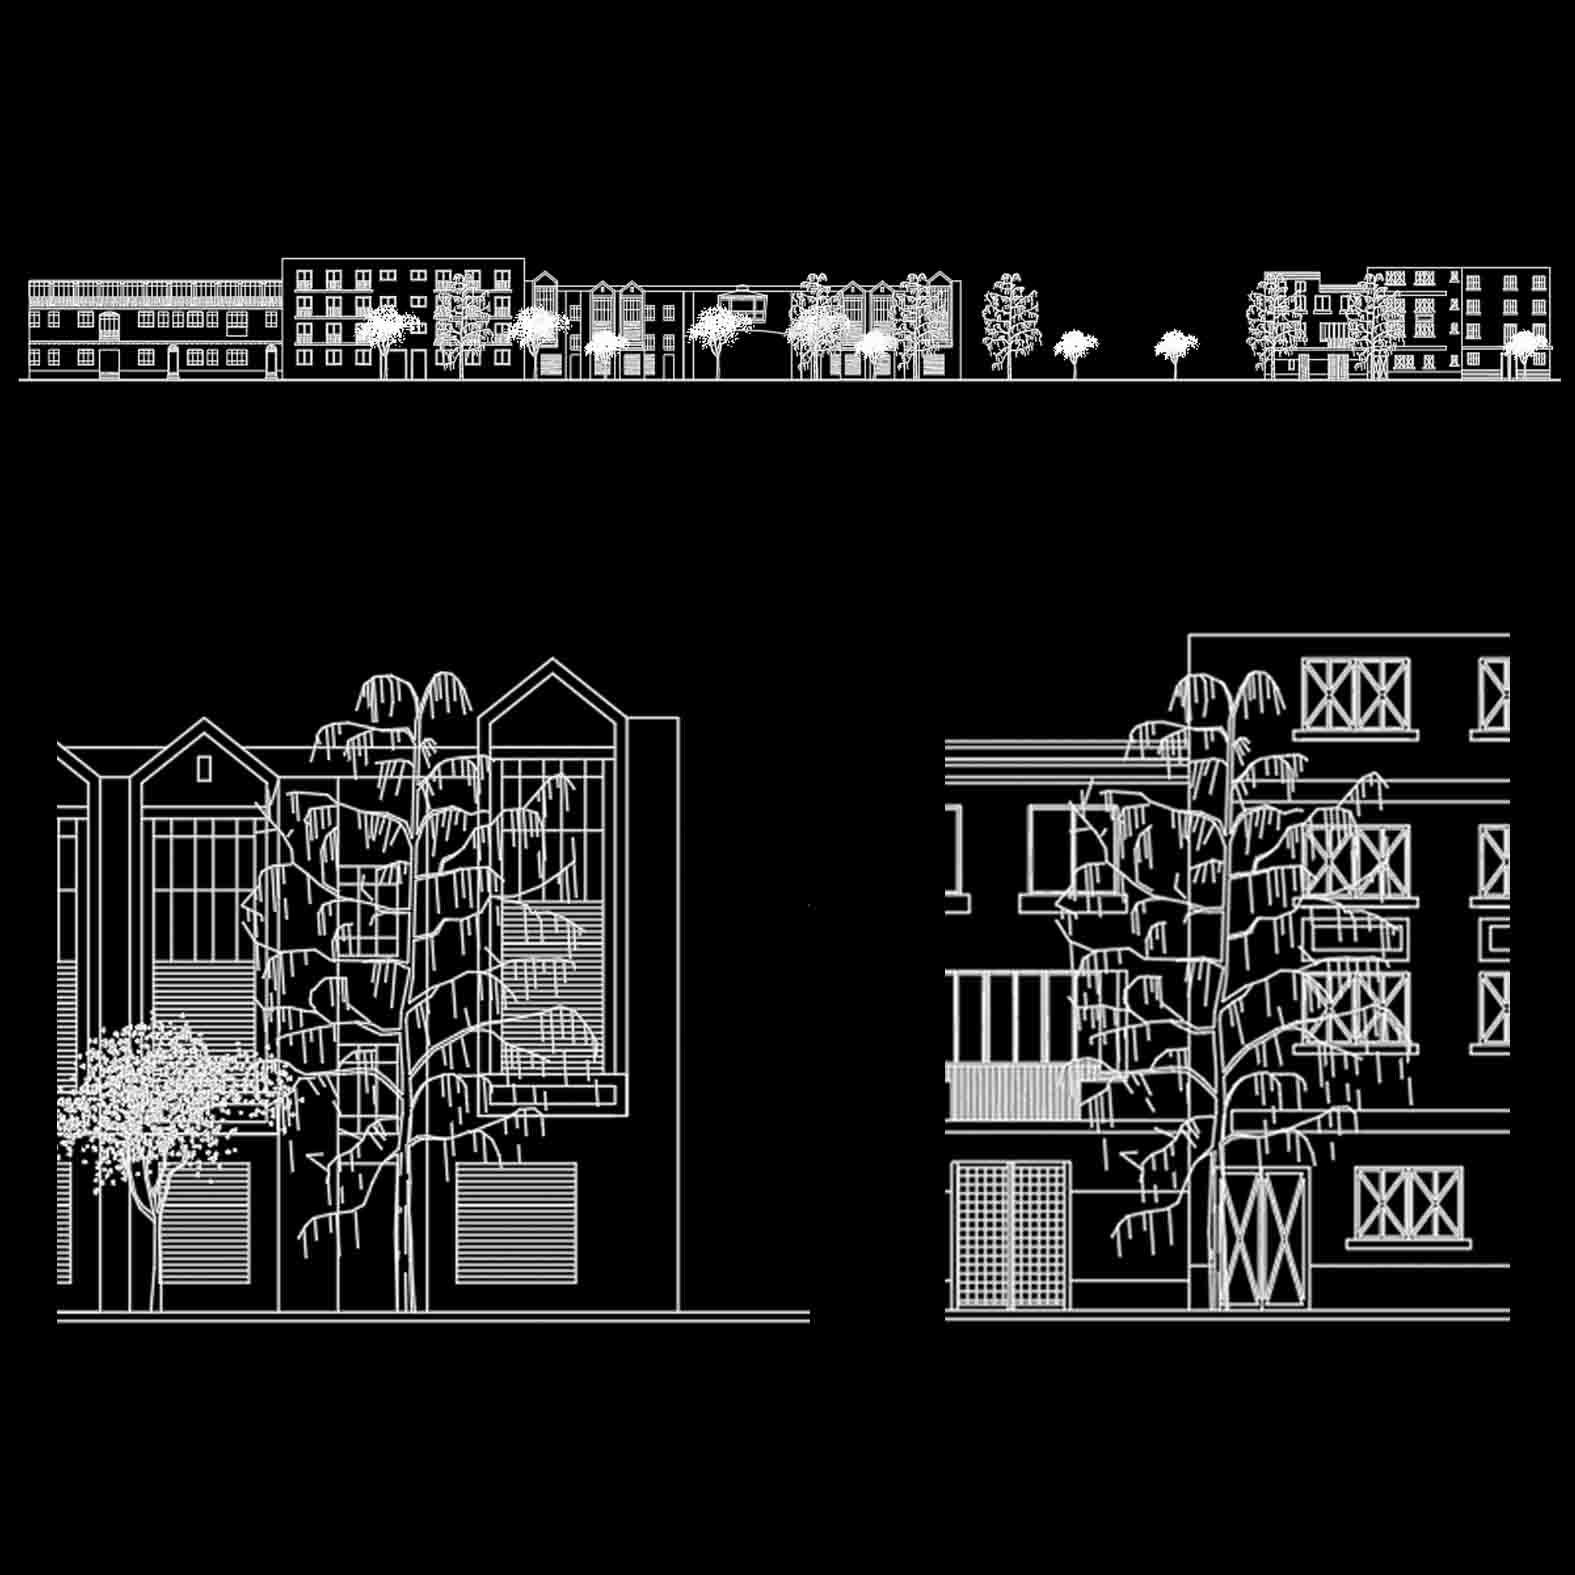 Plano: Elevación Calle Villavicencio / Santiago